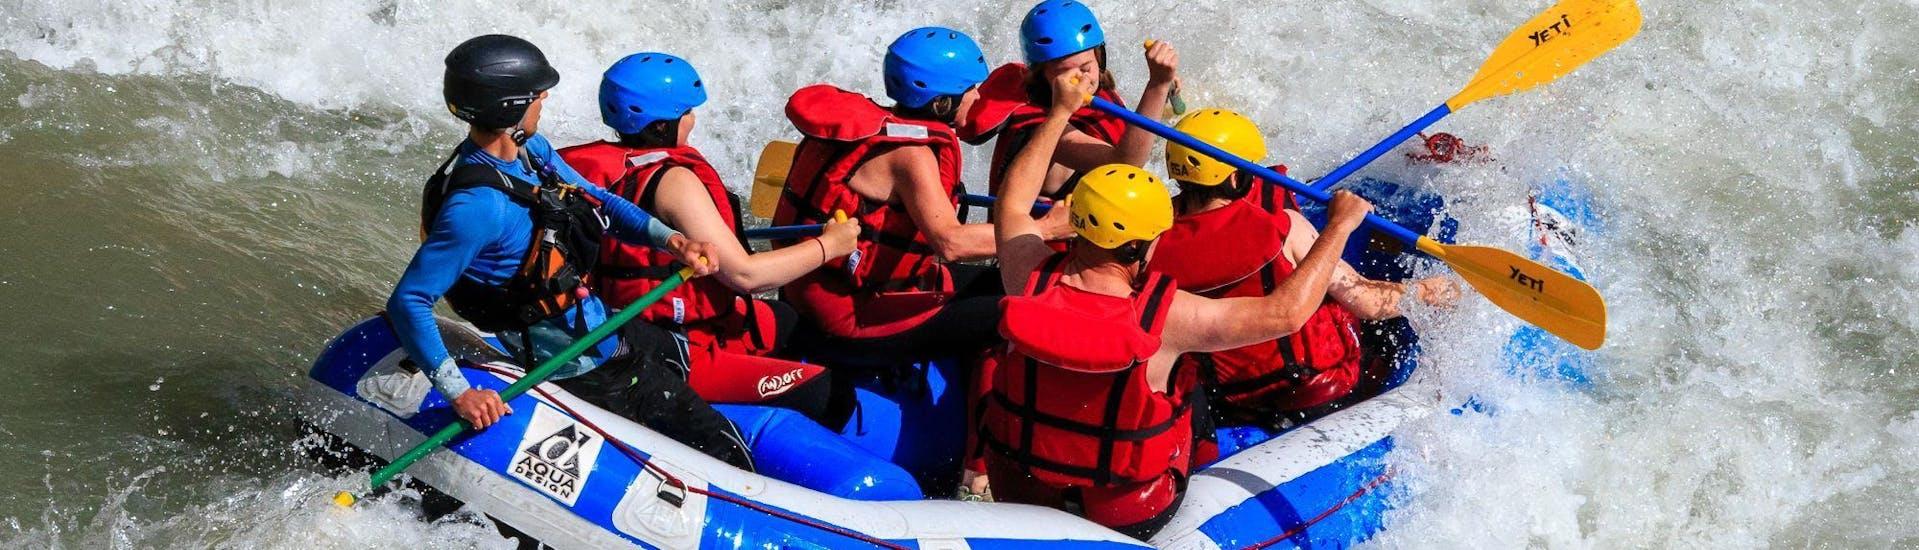 Un groupe est pris dans des rapides et passe un bon moment lors de la descente intégrale du Verdon en rafting organisée par Yeti Rafting.